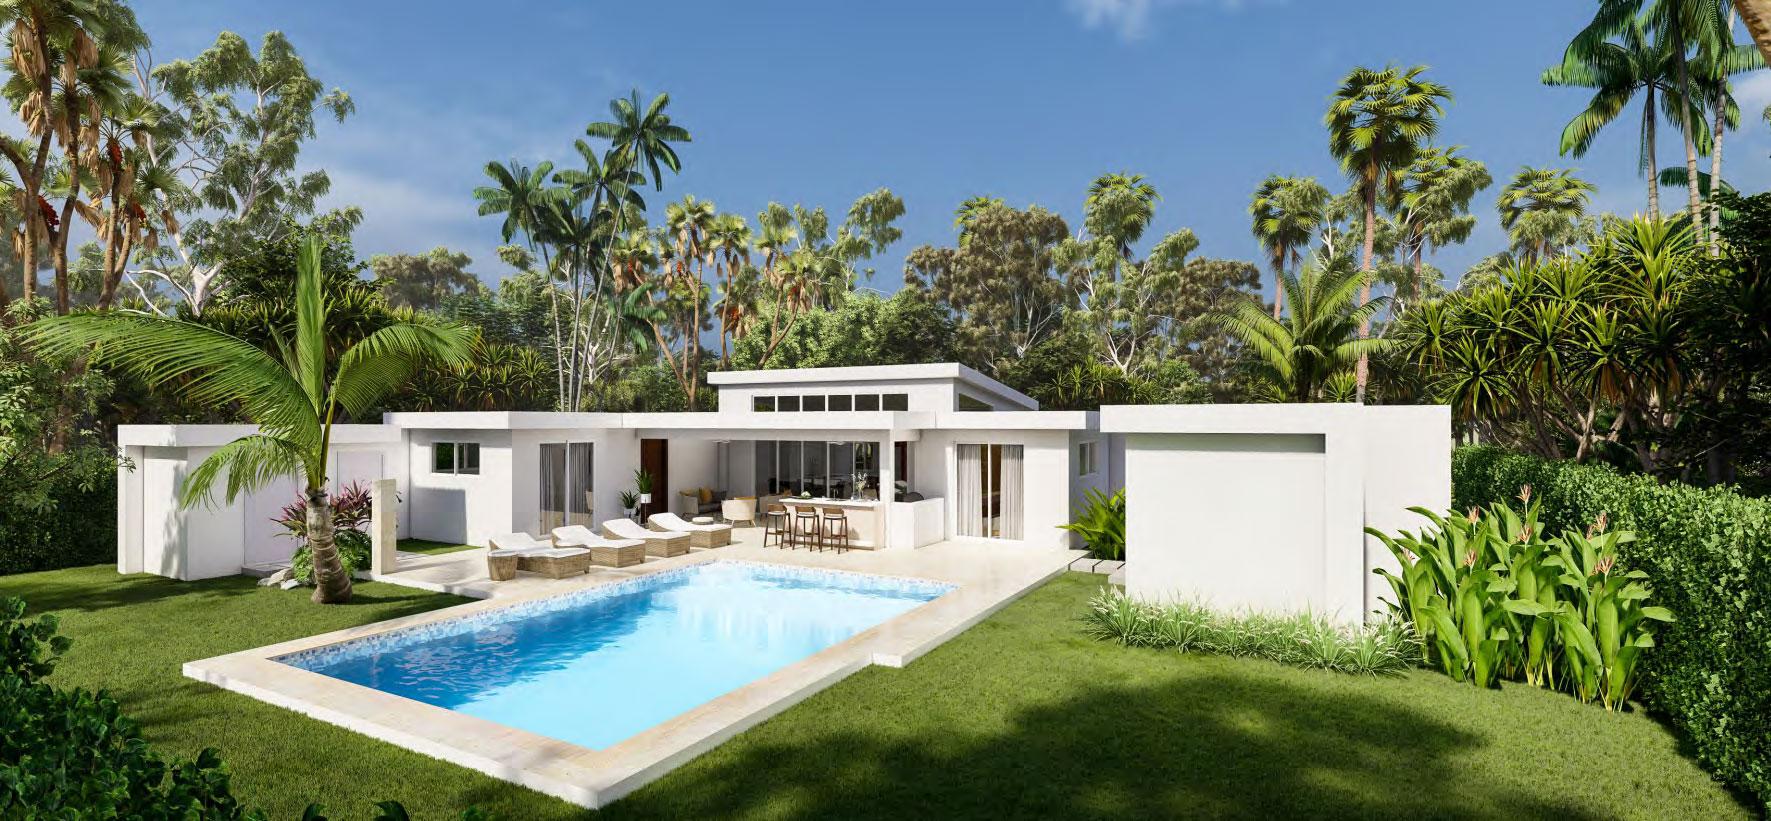 Villa Sunseeker Tropical Home